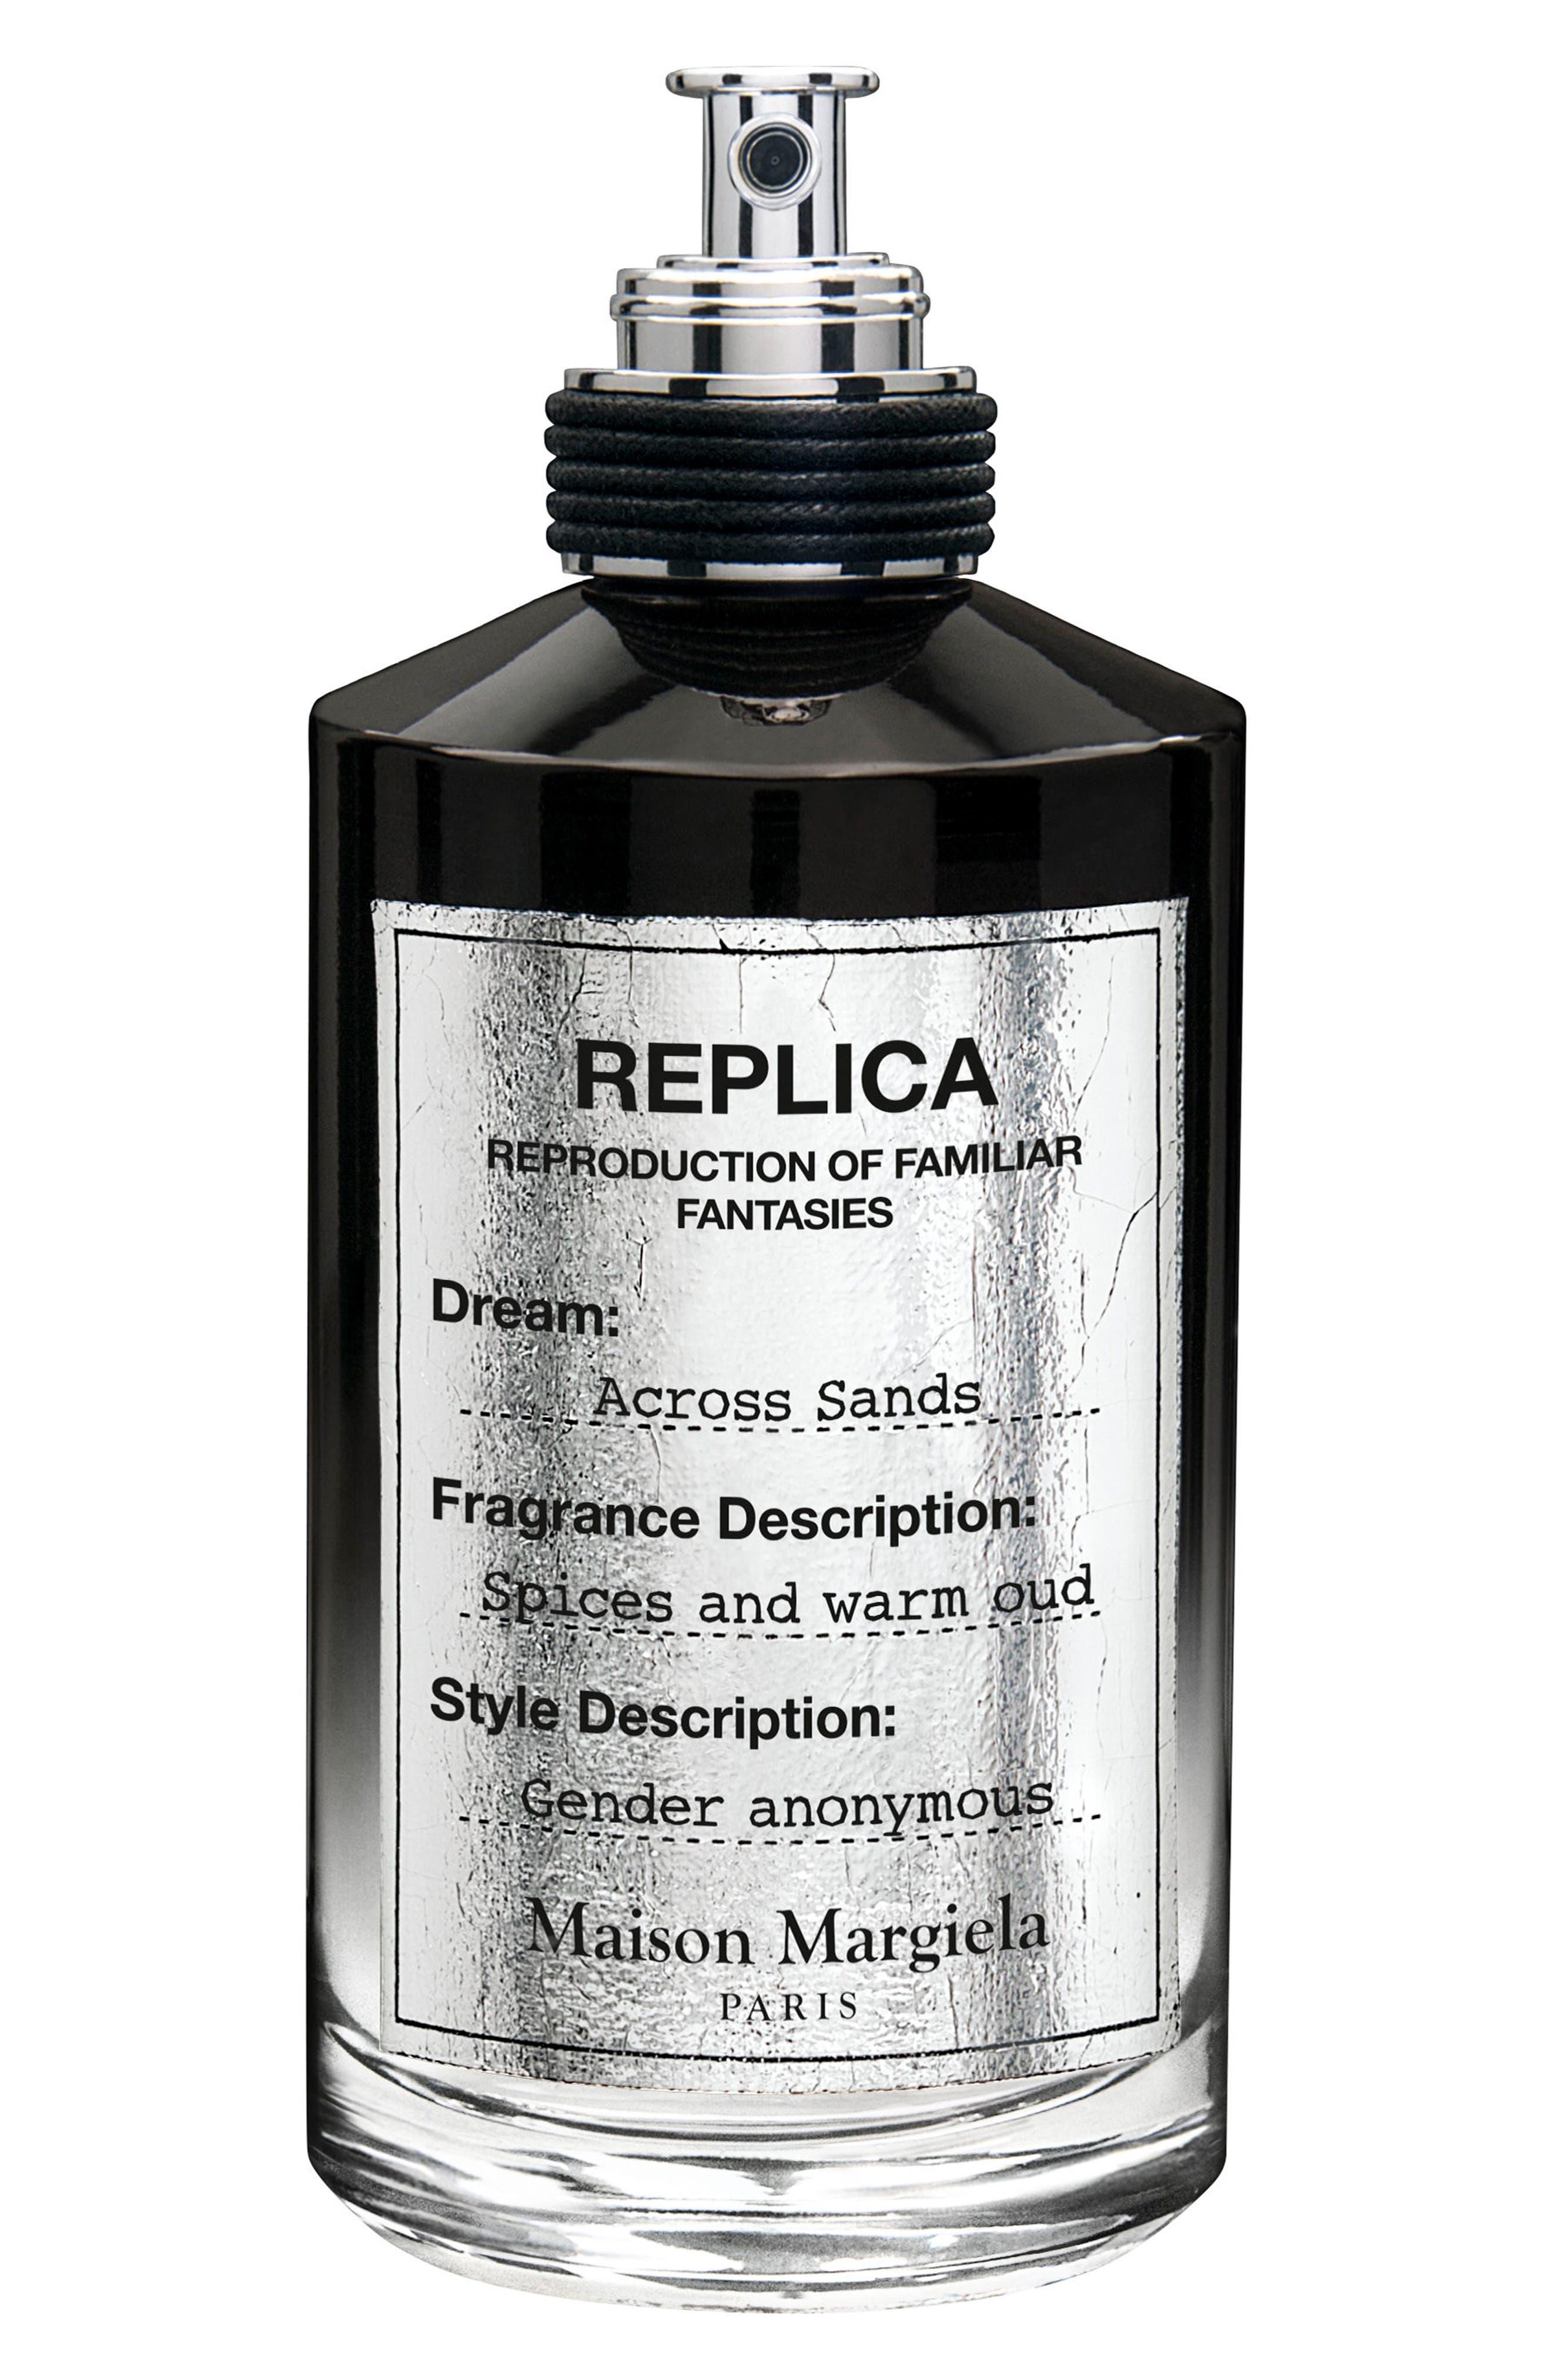 Main Image - Maison Margiela Replica Across Sands Eau de Parfum